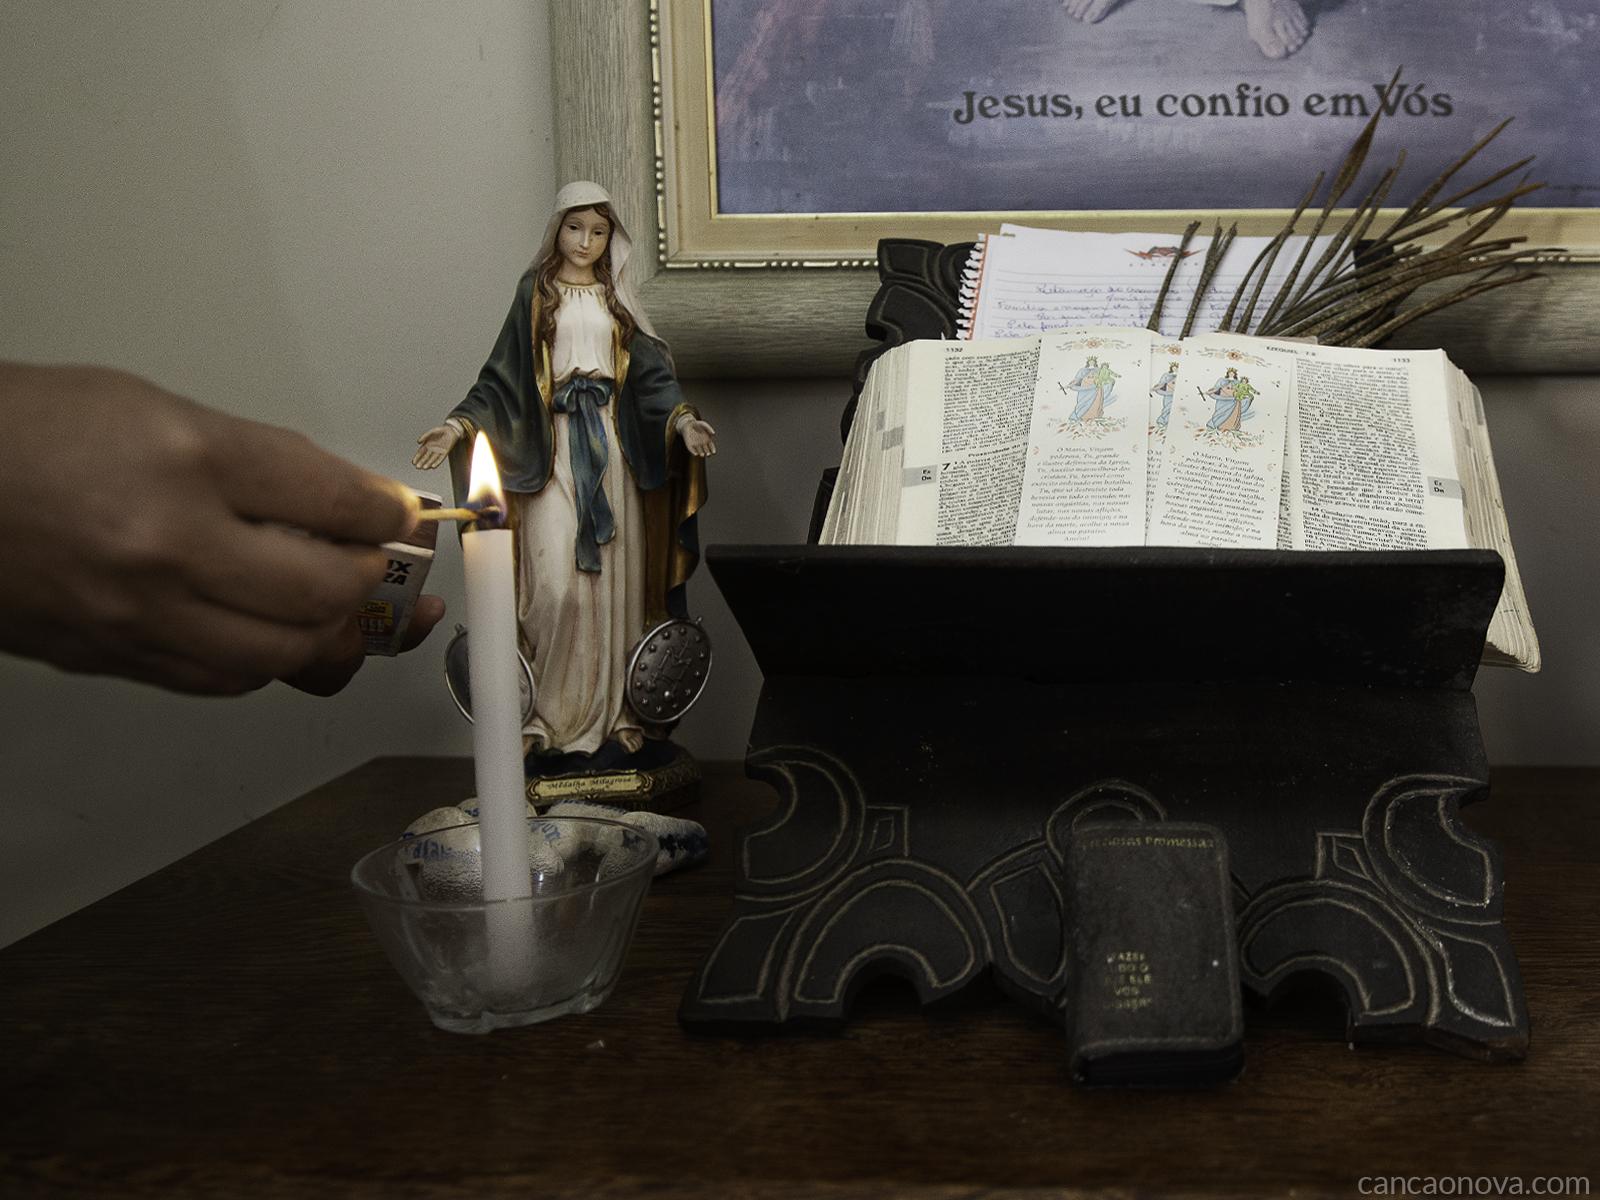 Na quarentena, convide Jesus para o seu lar